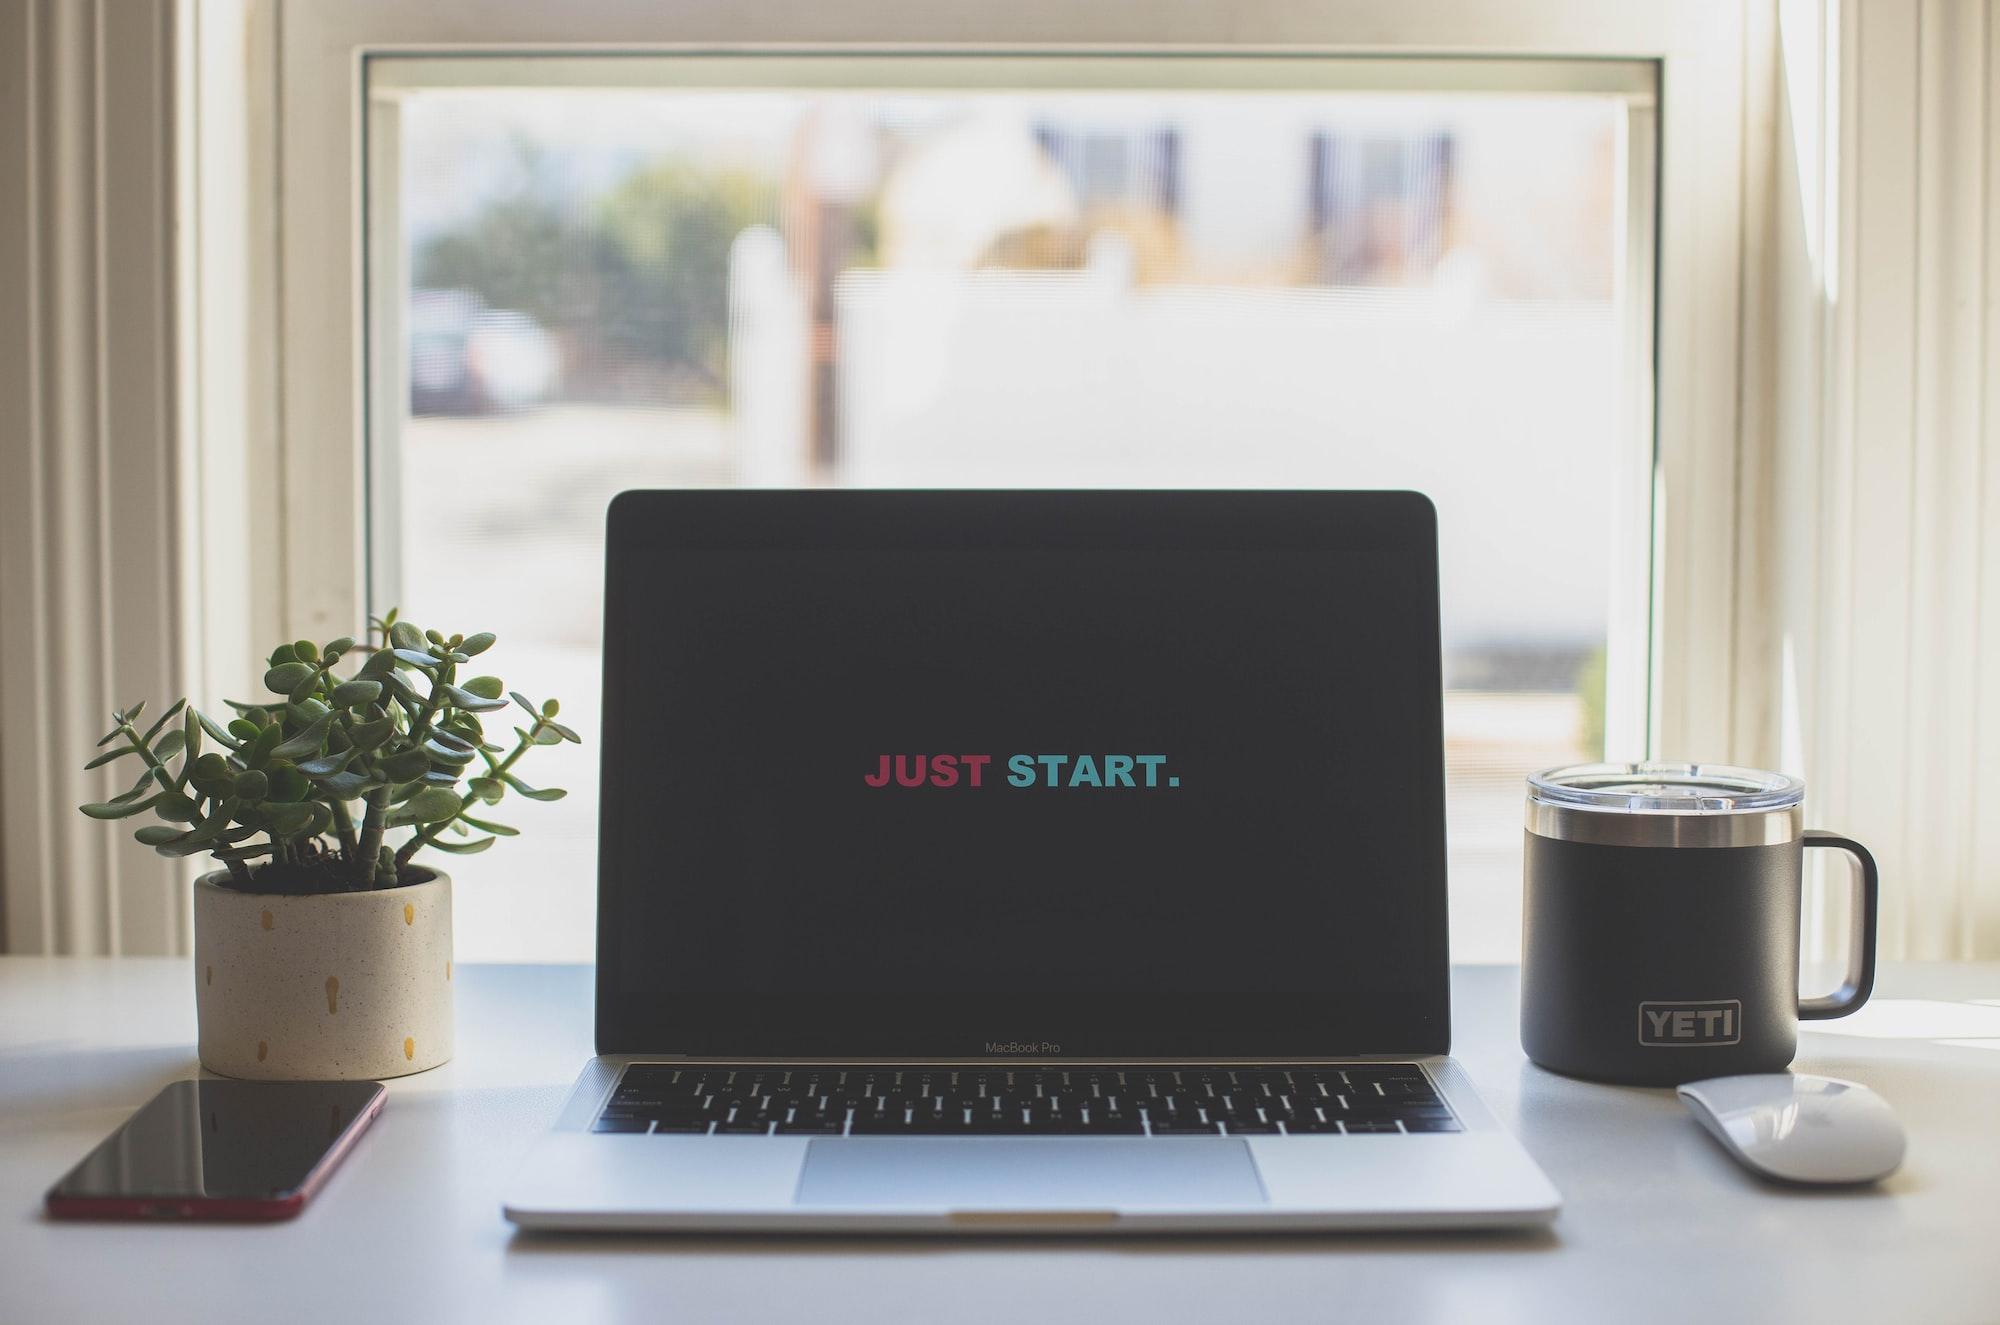 Where to start programming